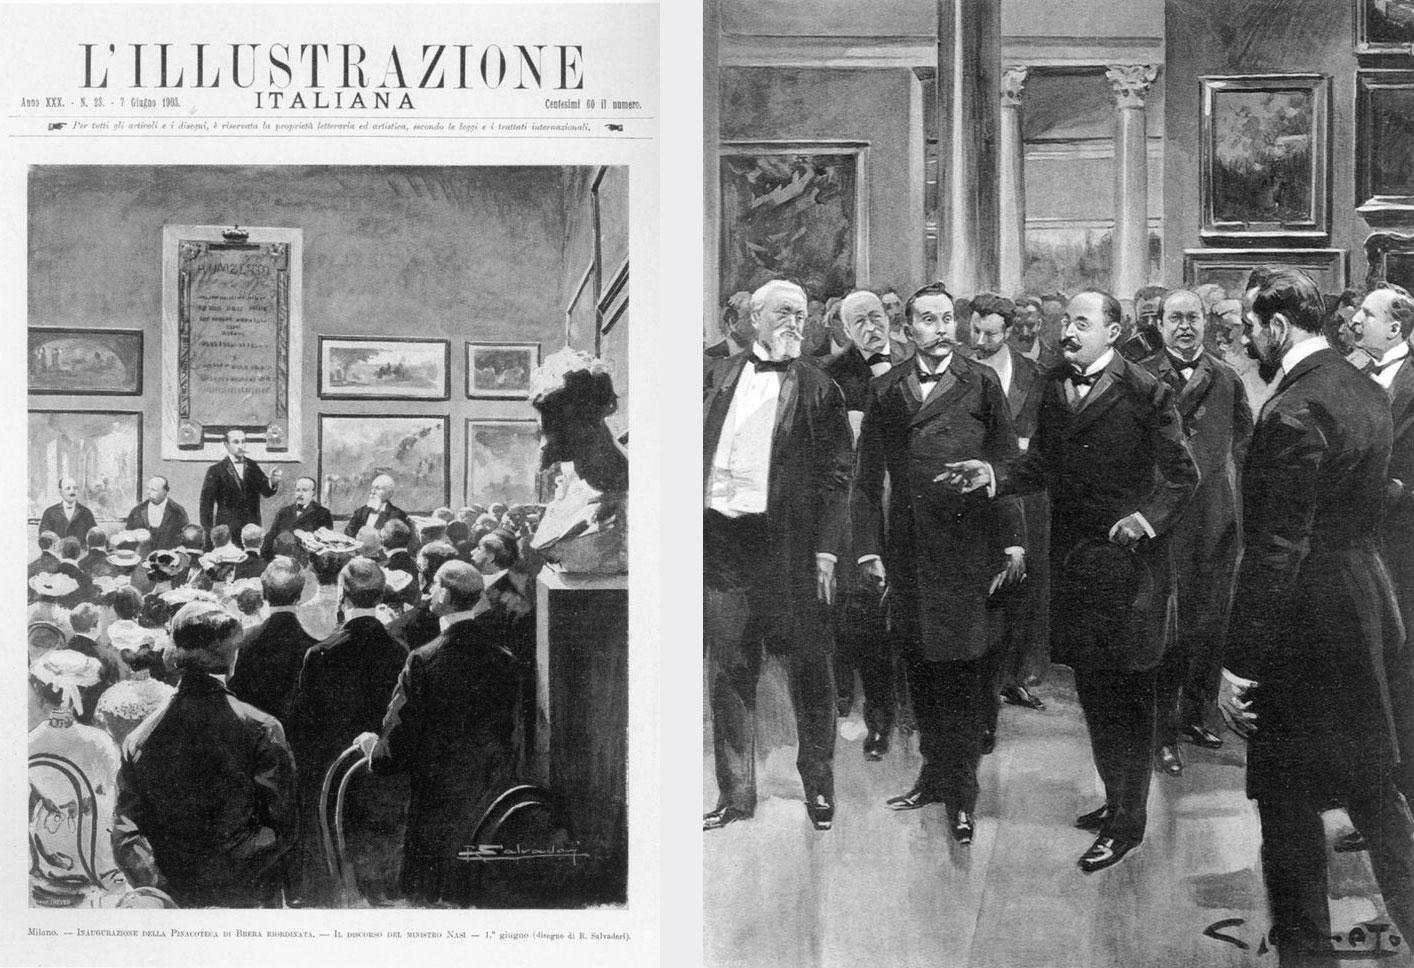 Fiori Bianchi Con 11 Lettere.The History Of The Pinacoteca Pinacoteca Di Brera